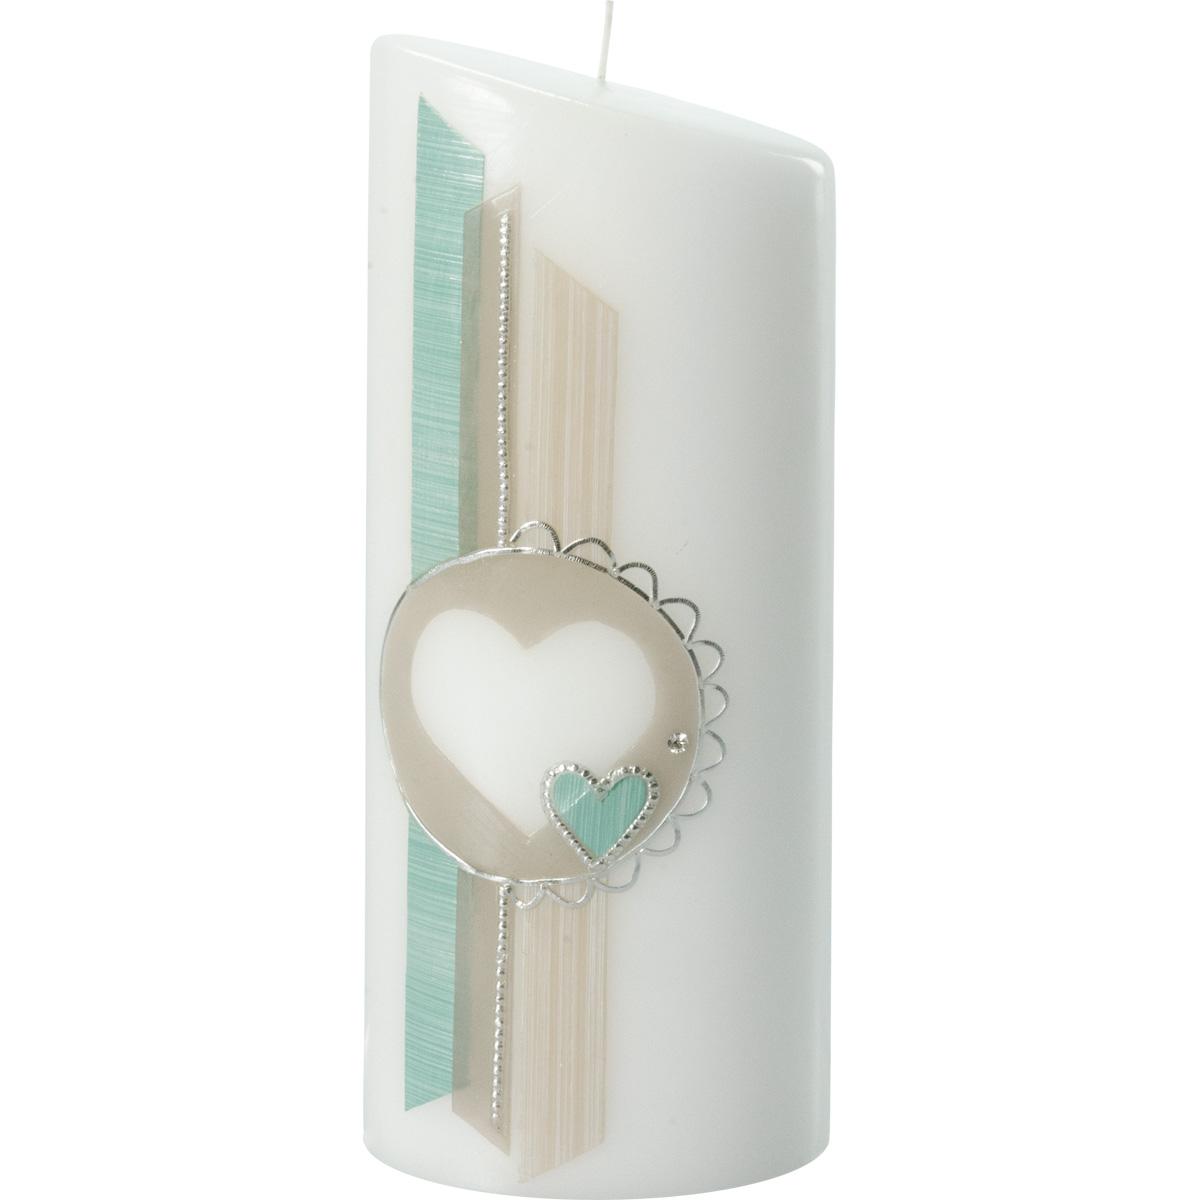 Hochzeitskerze, 5018, Oval 230x90x60, Herz, grün-taupe-silber